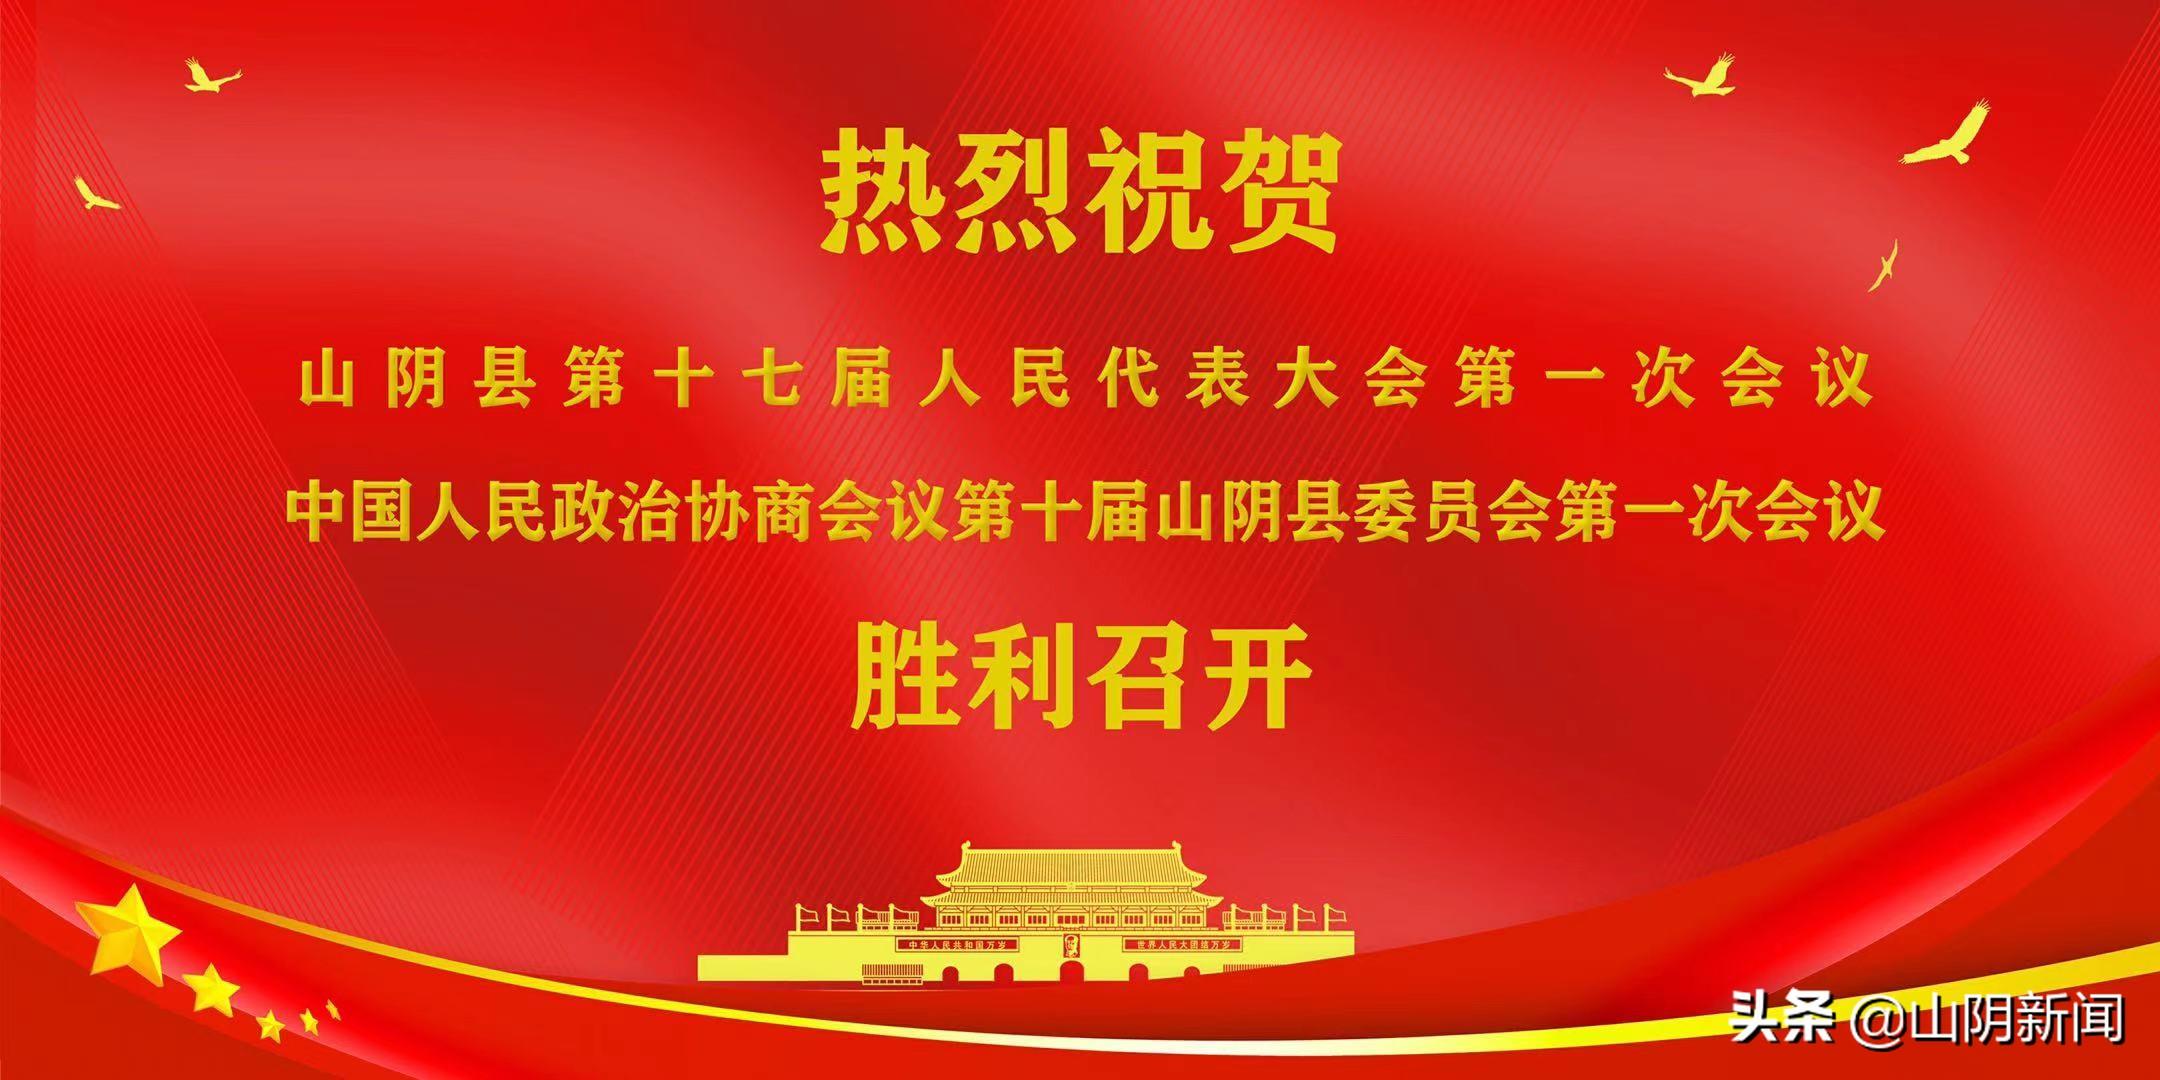 一图读懂山阴县2021年《政府工作报告》